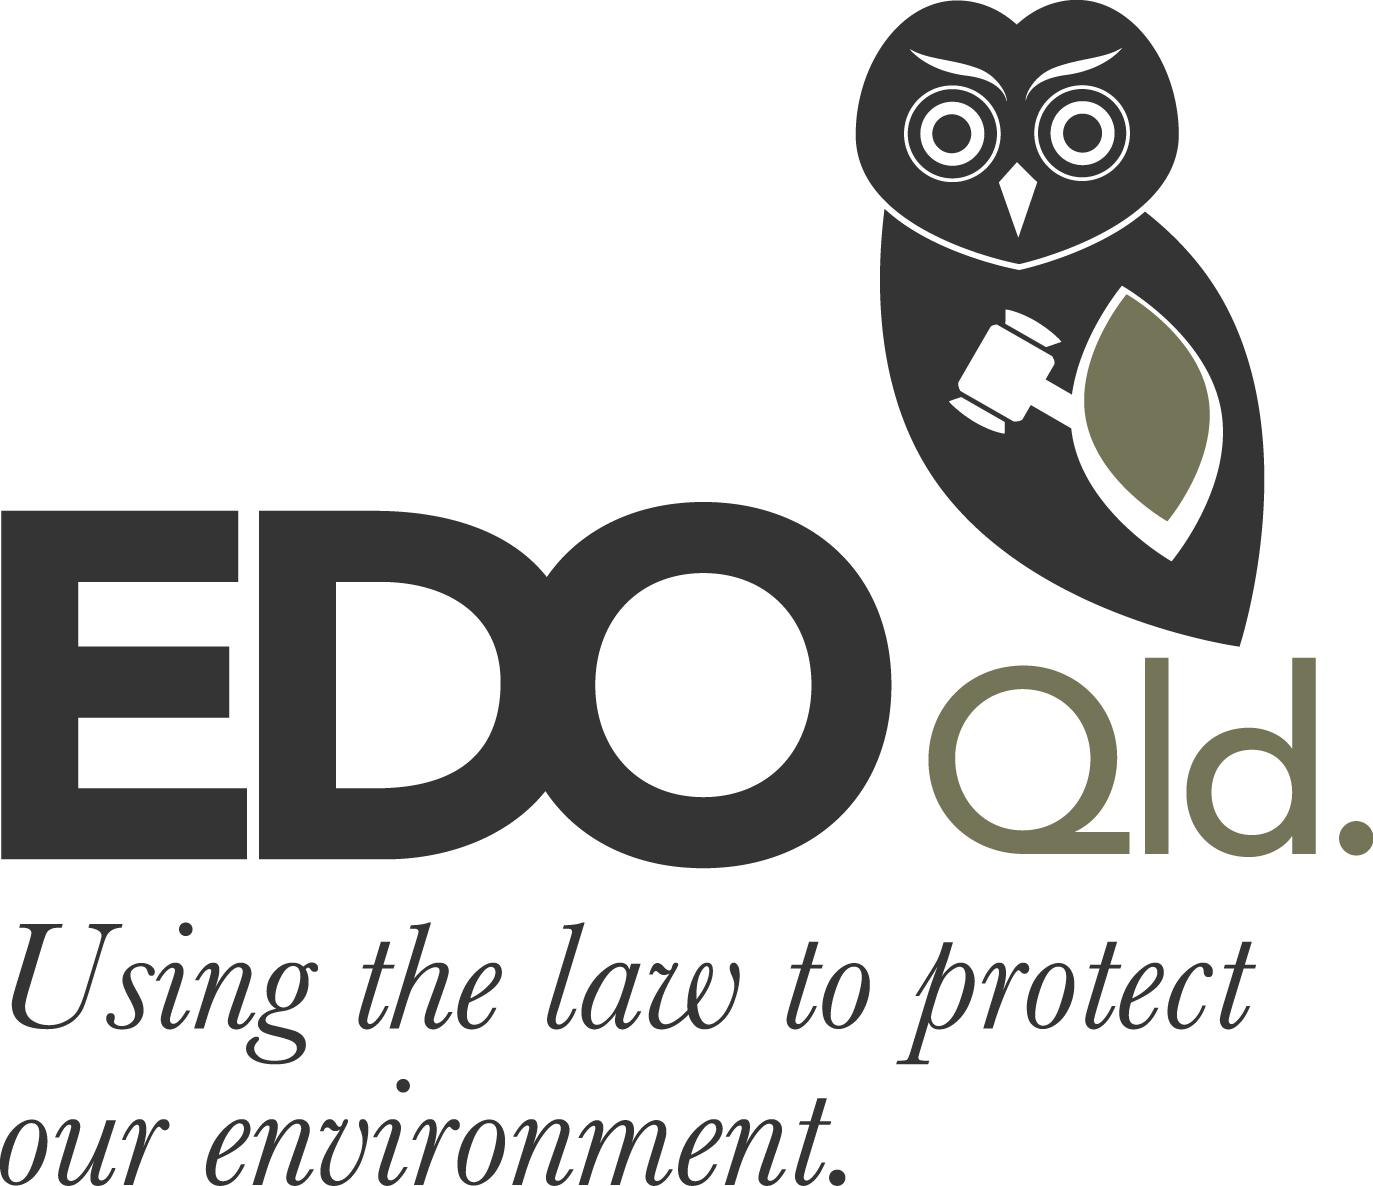 http://www.edoqld.org.au/